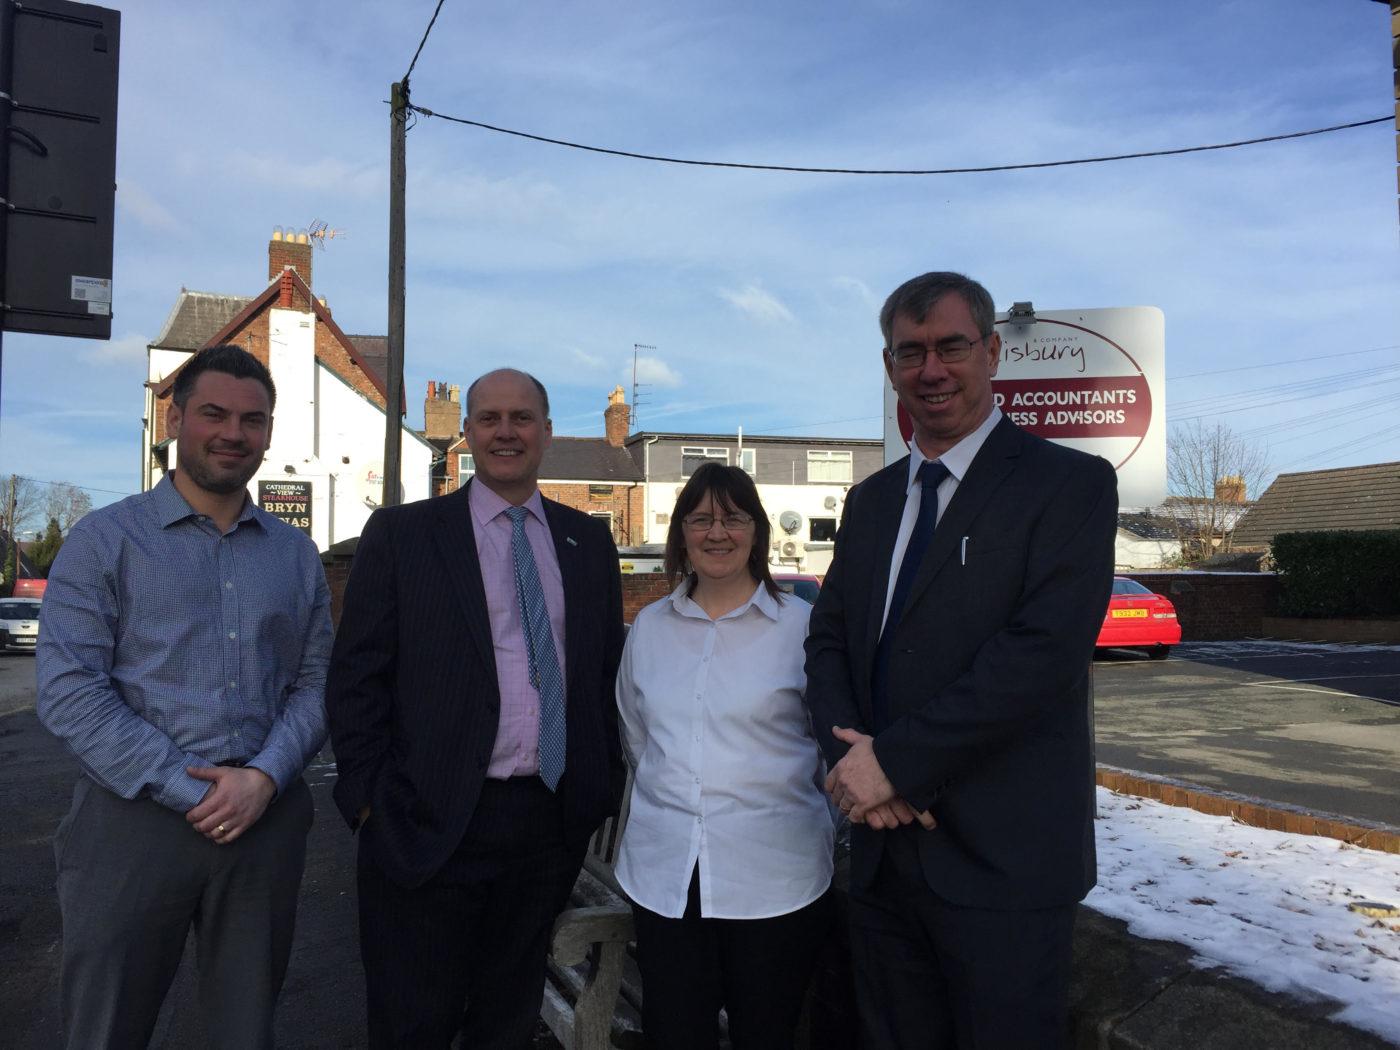 Salisburys Accountants Complete Second Acquisition